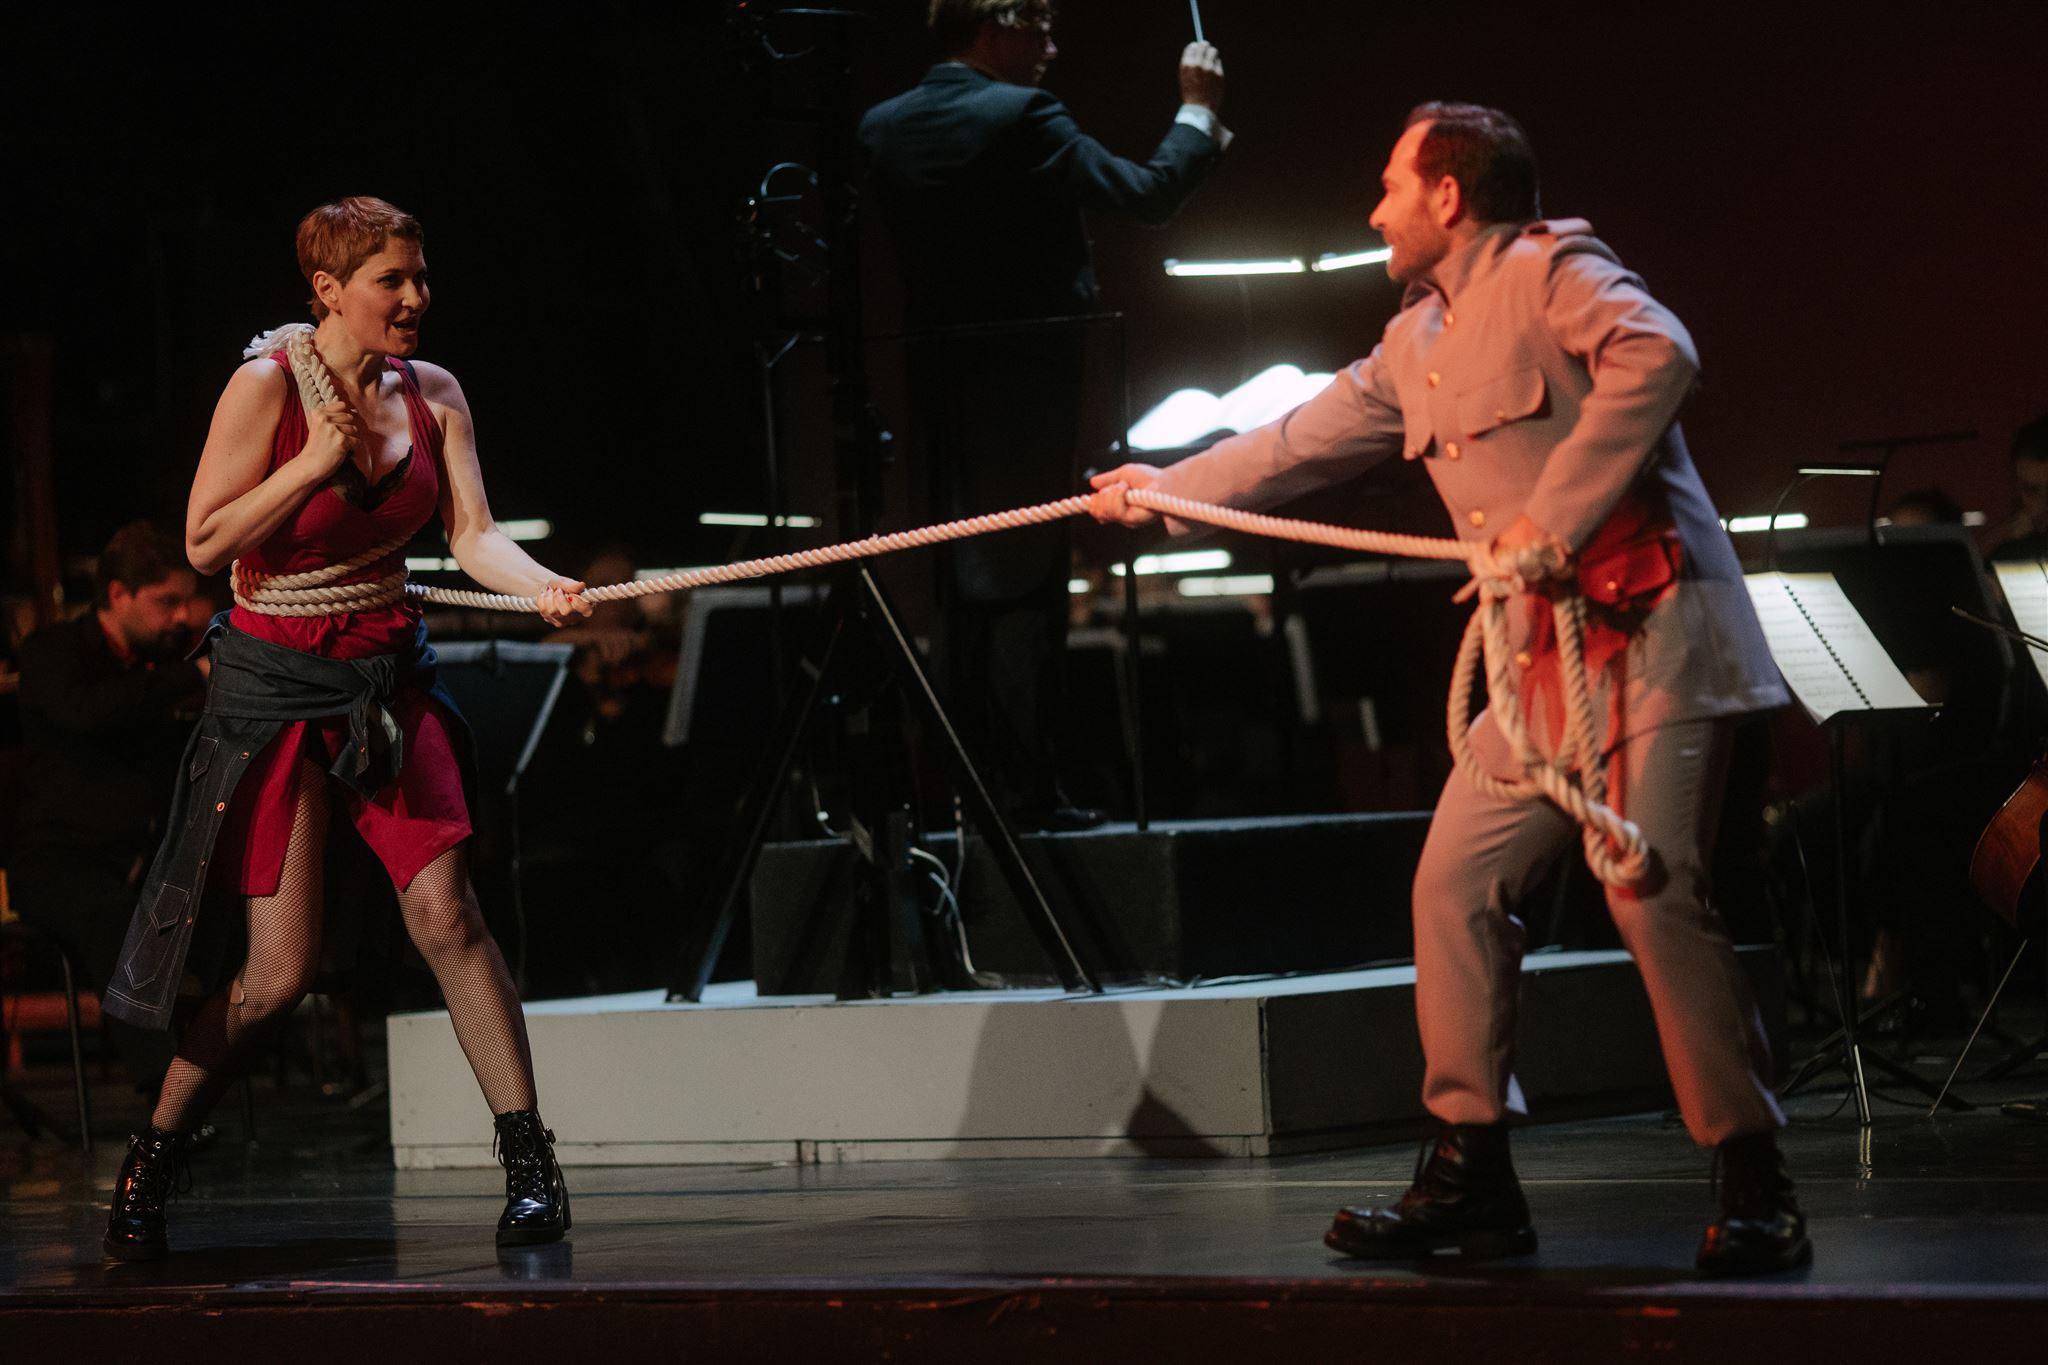 """HNK """"Zajc"""" protiv Covida: povratak opere u skladu s mjerama"""